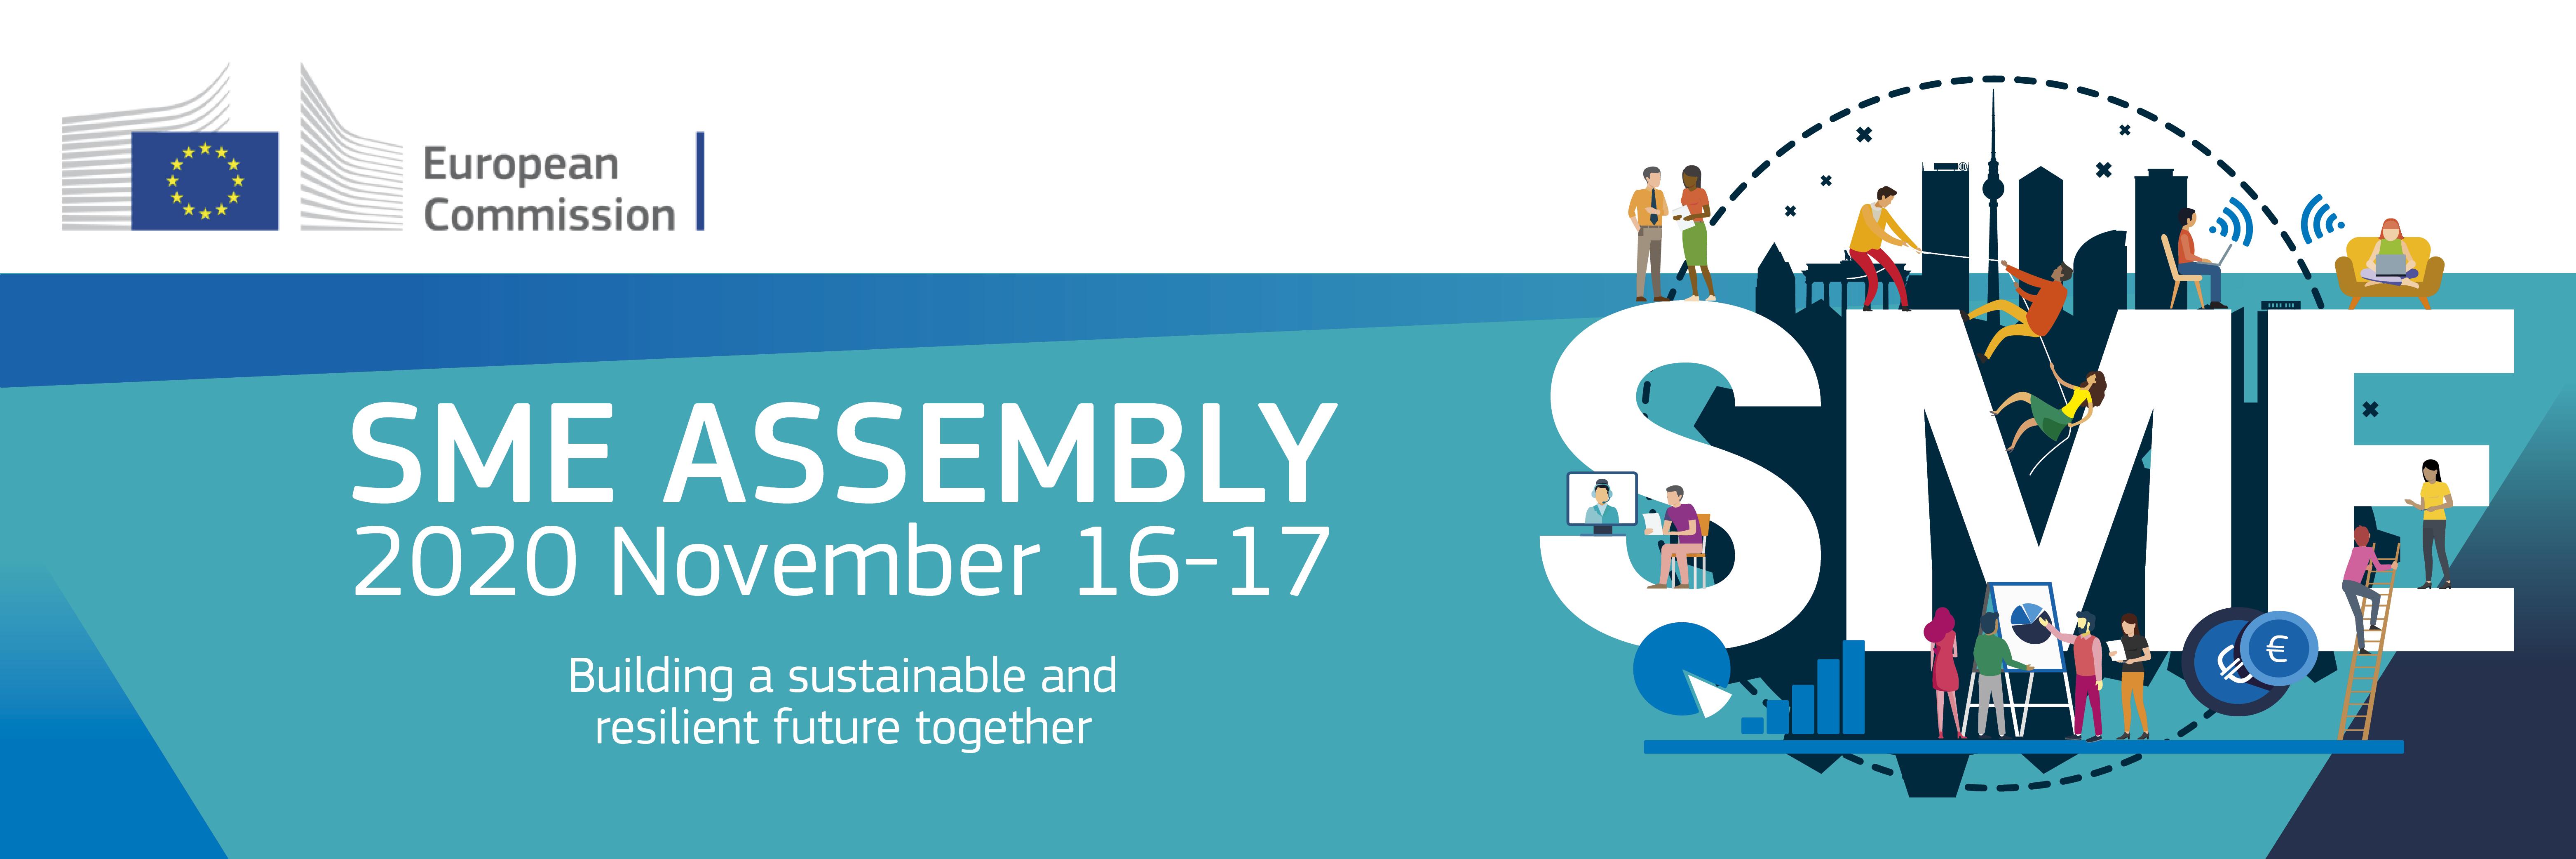 SME Assembly 2020